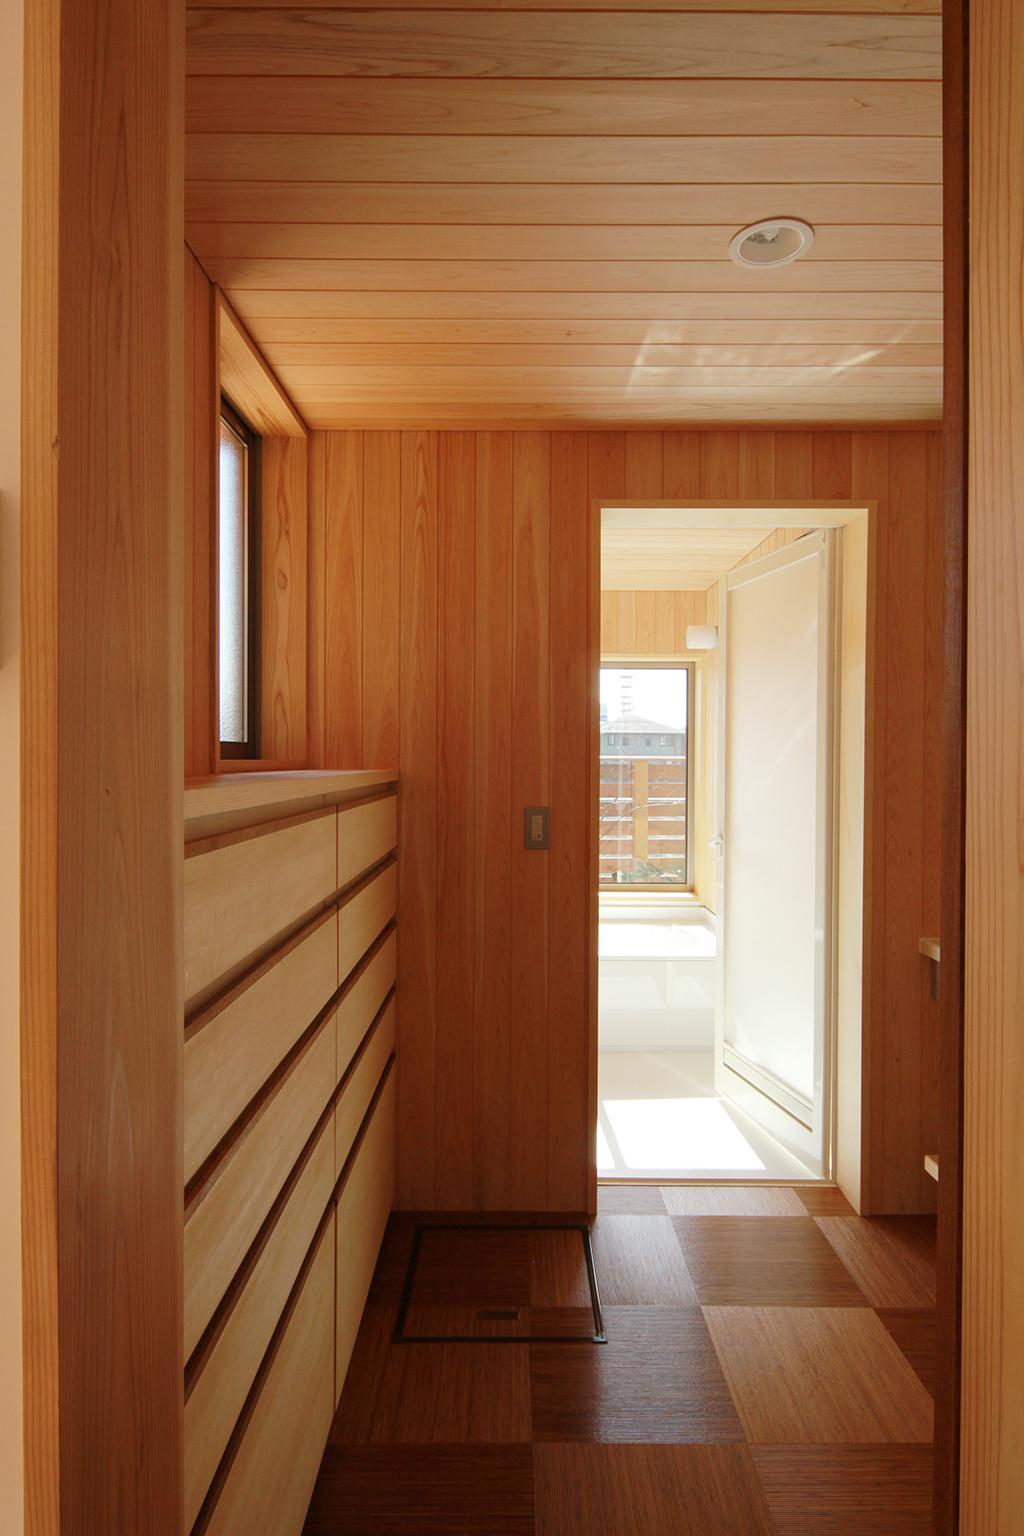 姫路市の木の家 桧貼りの洗面脱衣室と浴室